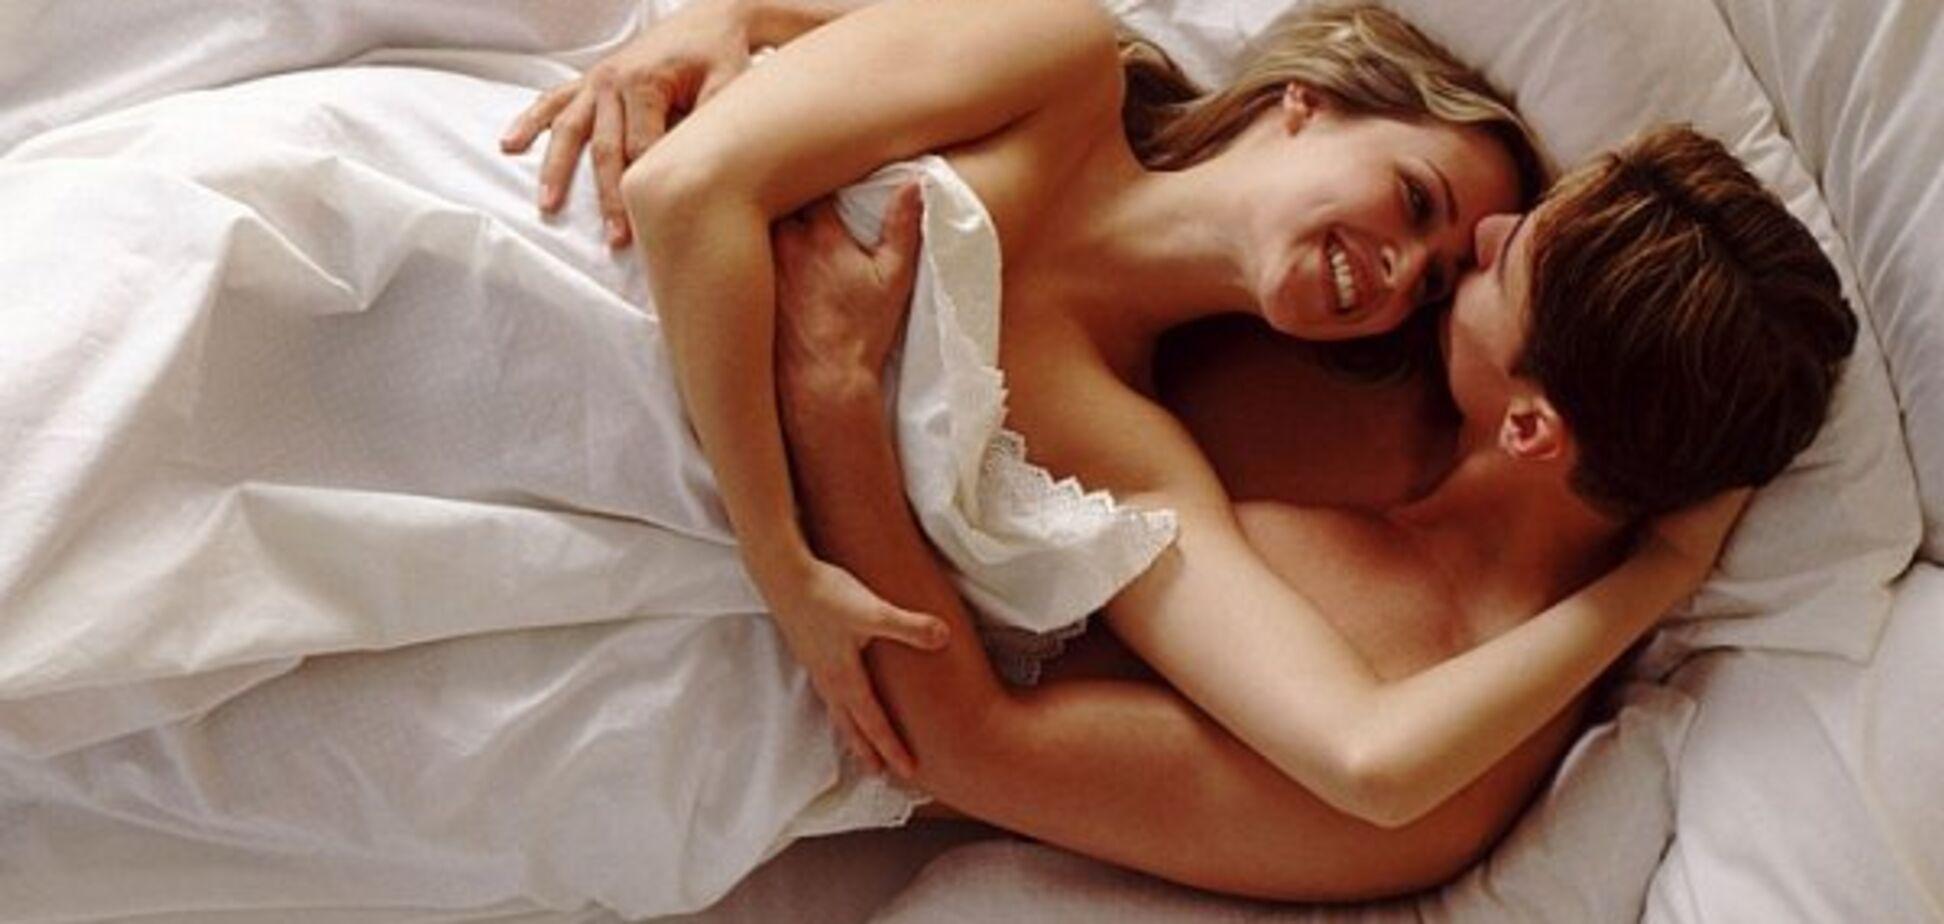 Секс и беременность: врачи назвали опасный вид секса